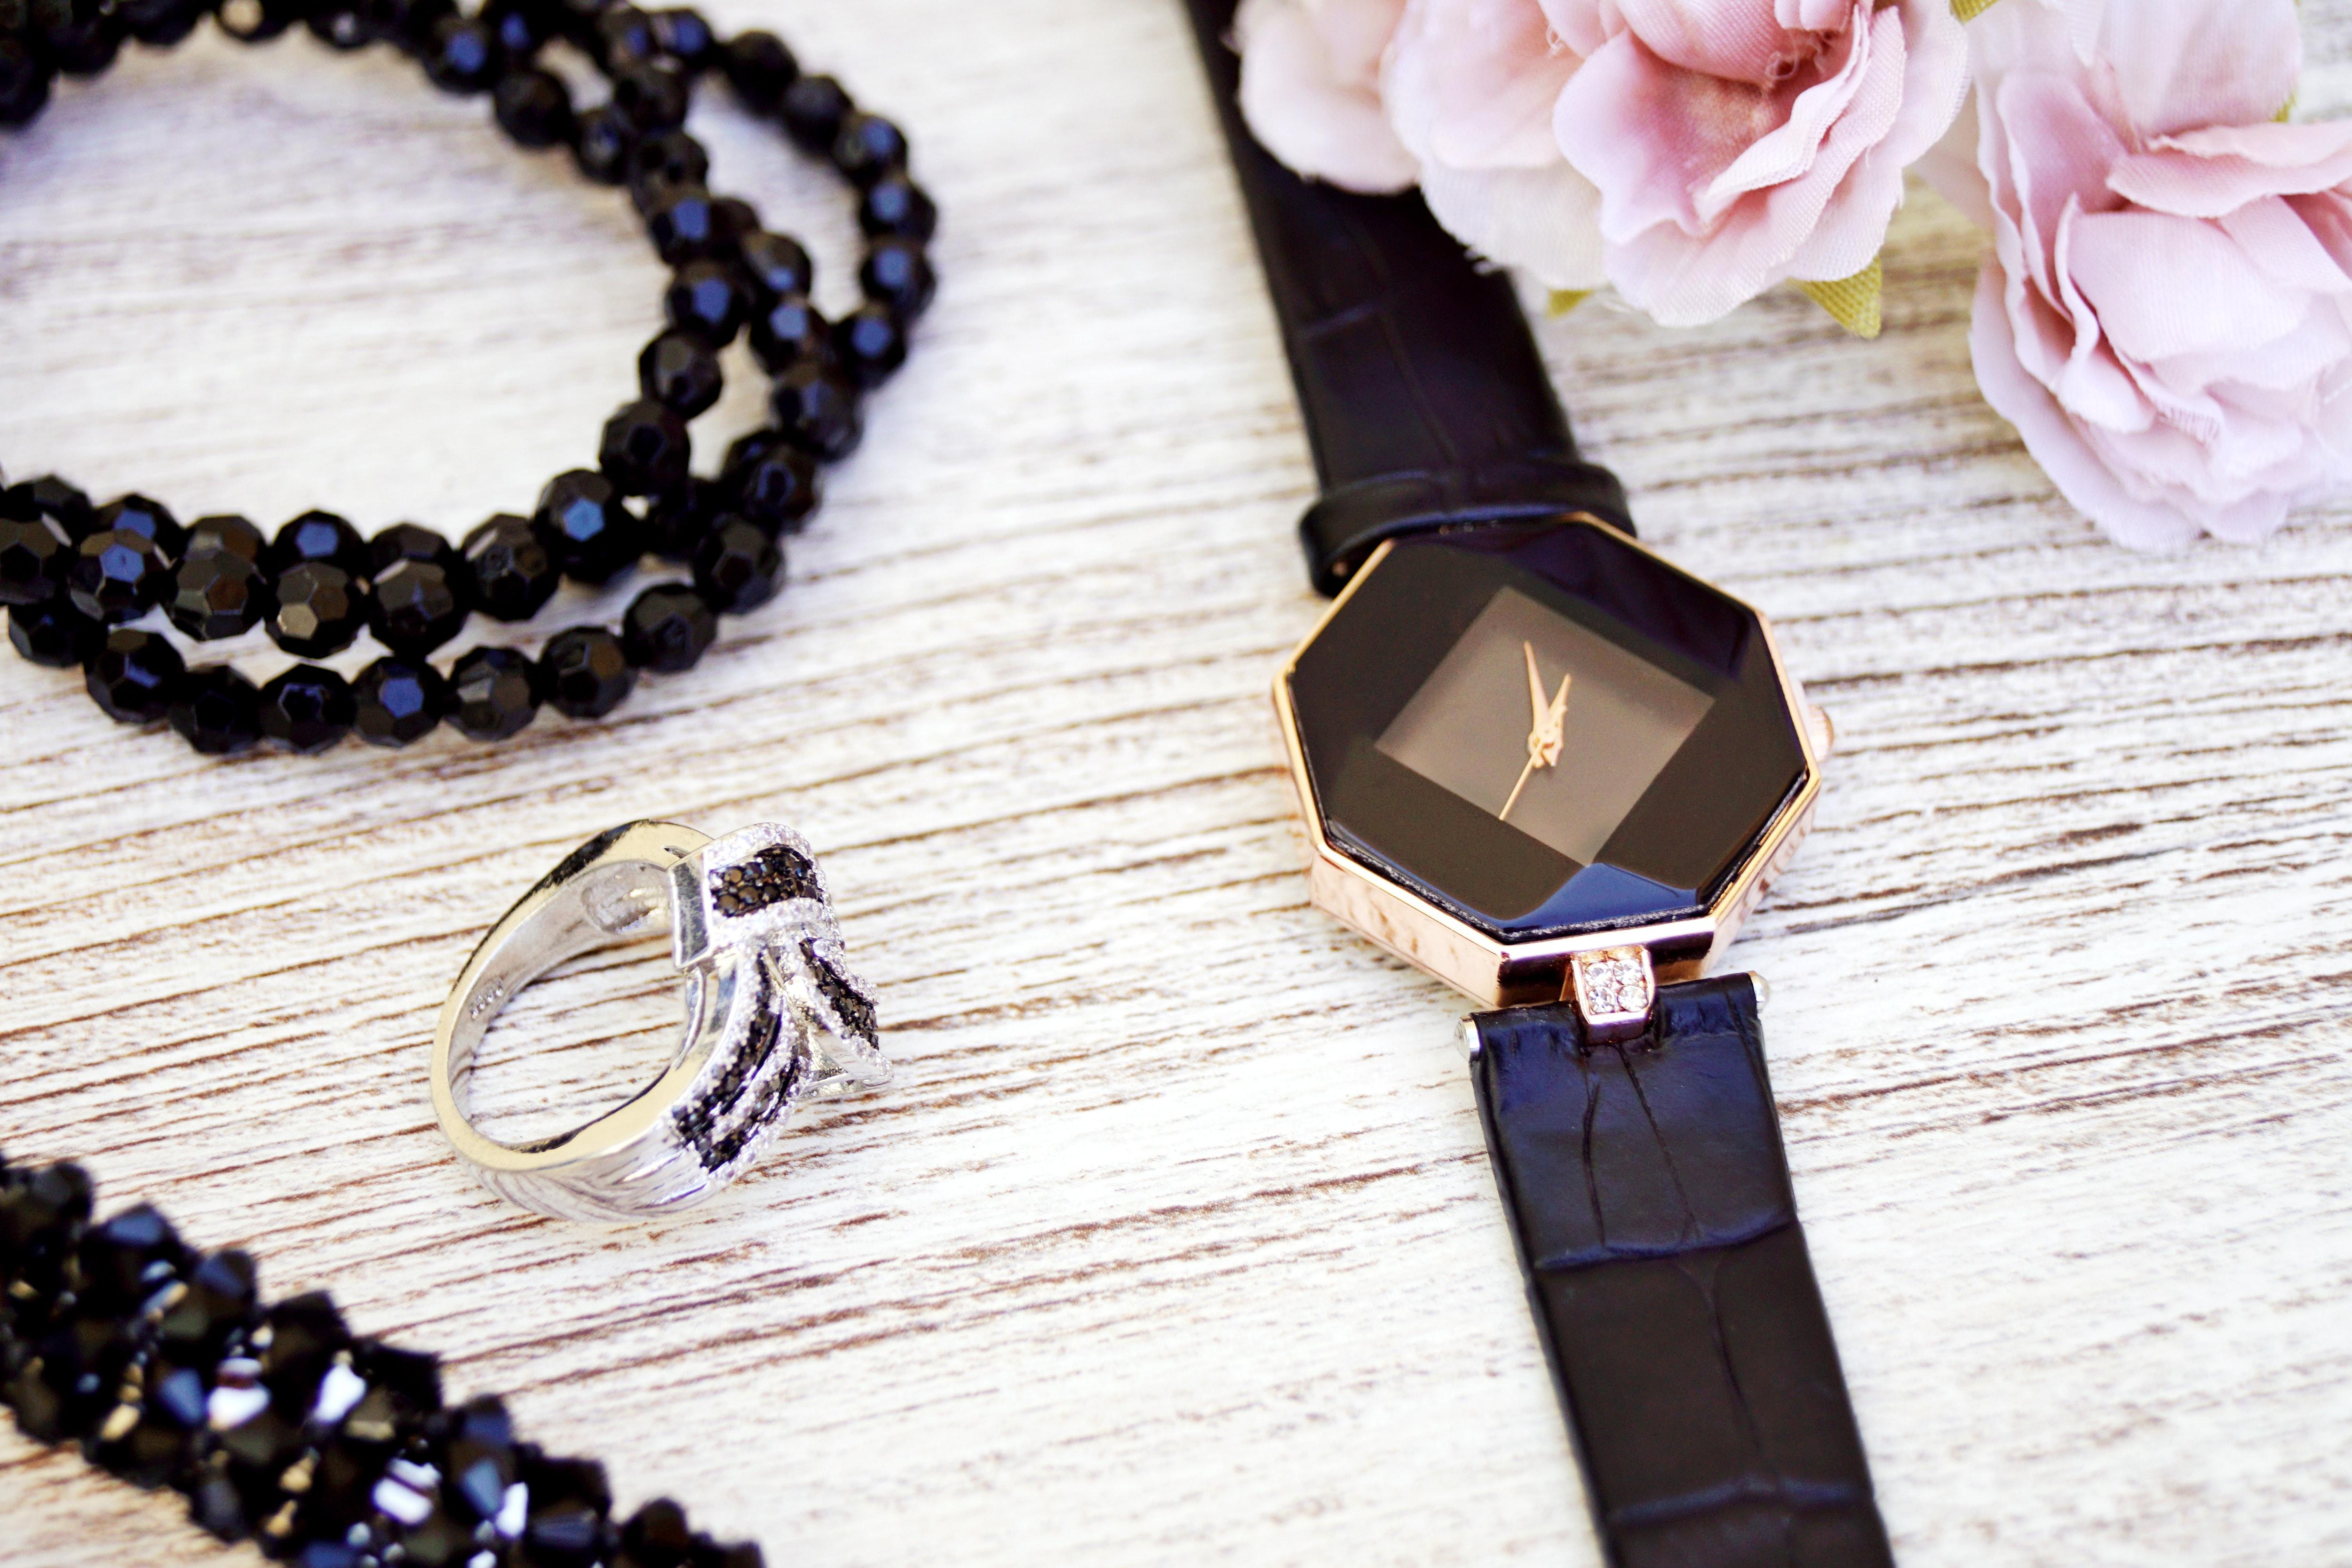 Køb eksklusive Jaguar ure og smykker fra Lene Visholm hos Exklusiv guld og sølv Aps